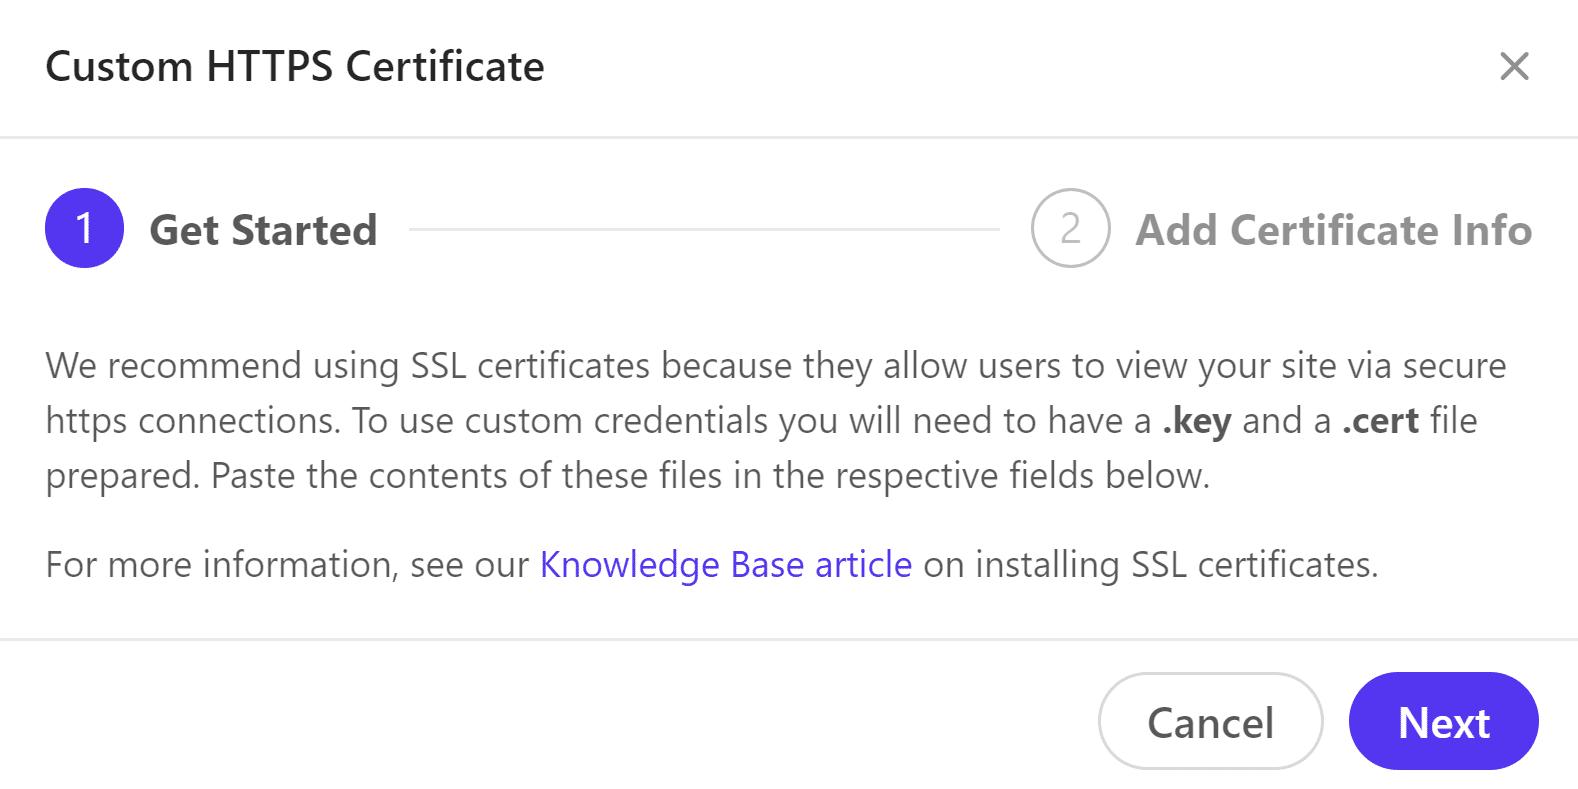 Credenciais HTTPS personalizadas